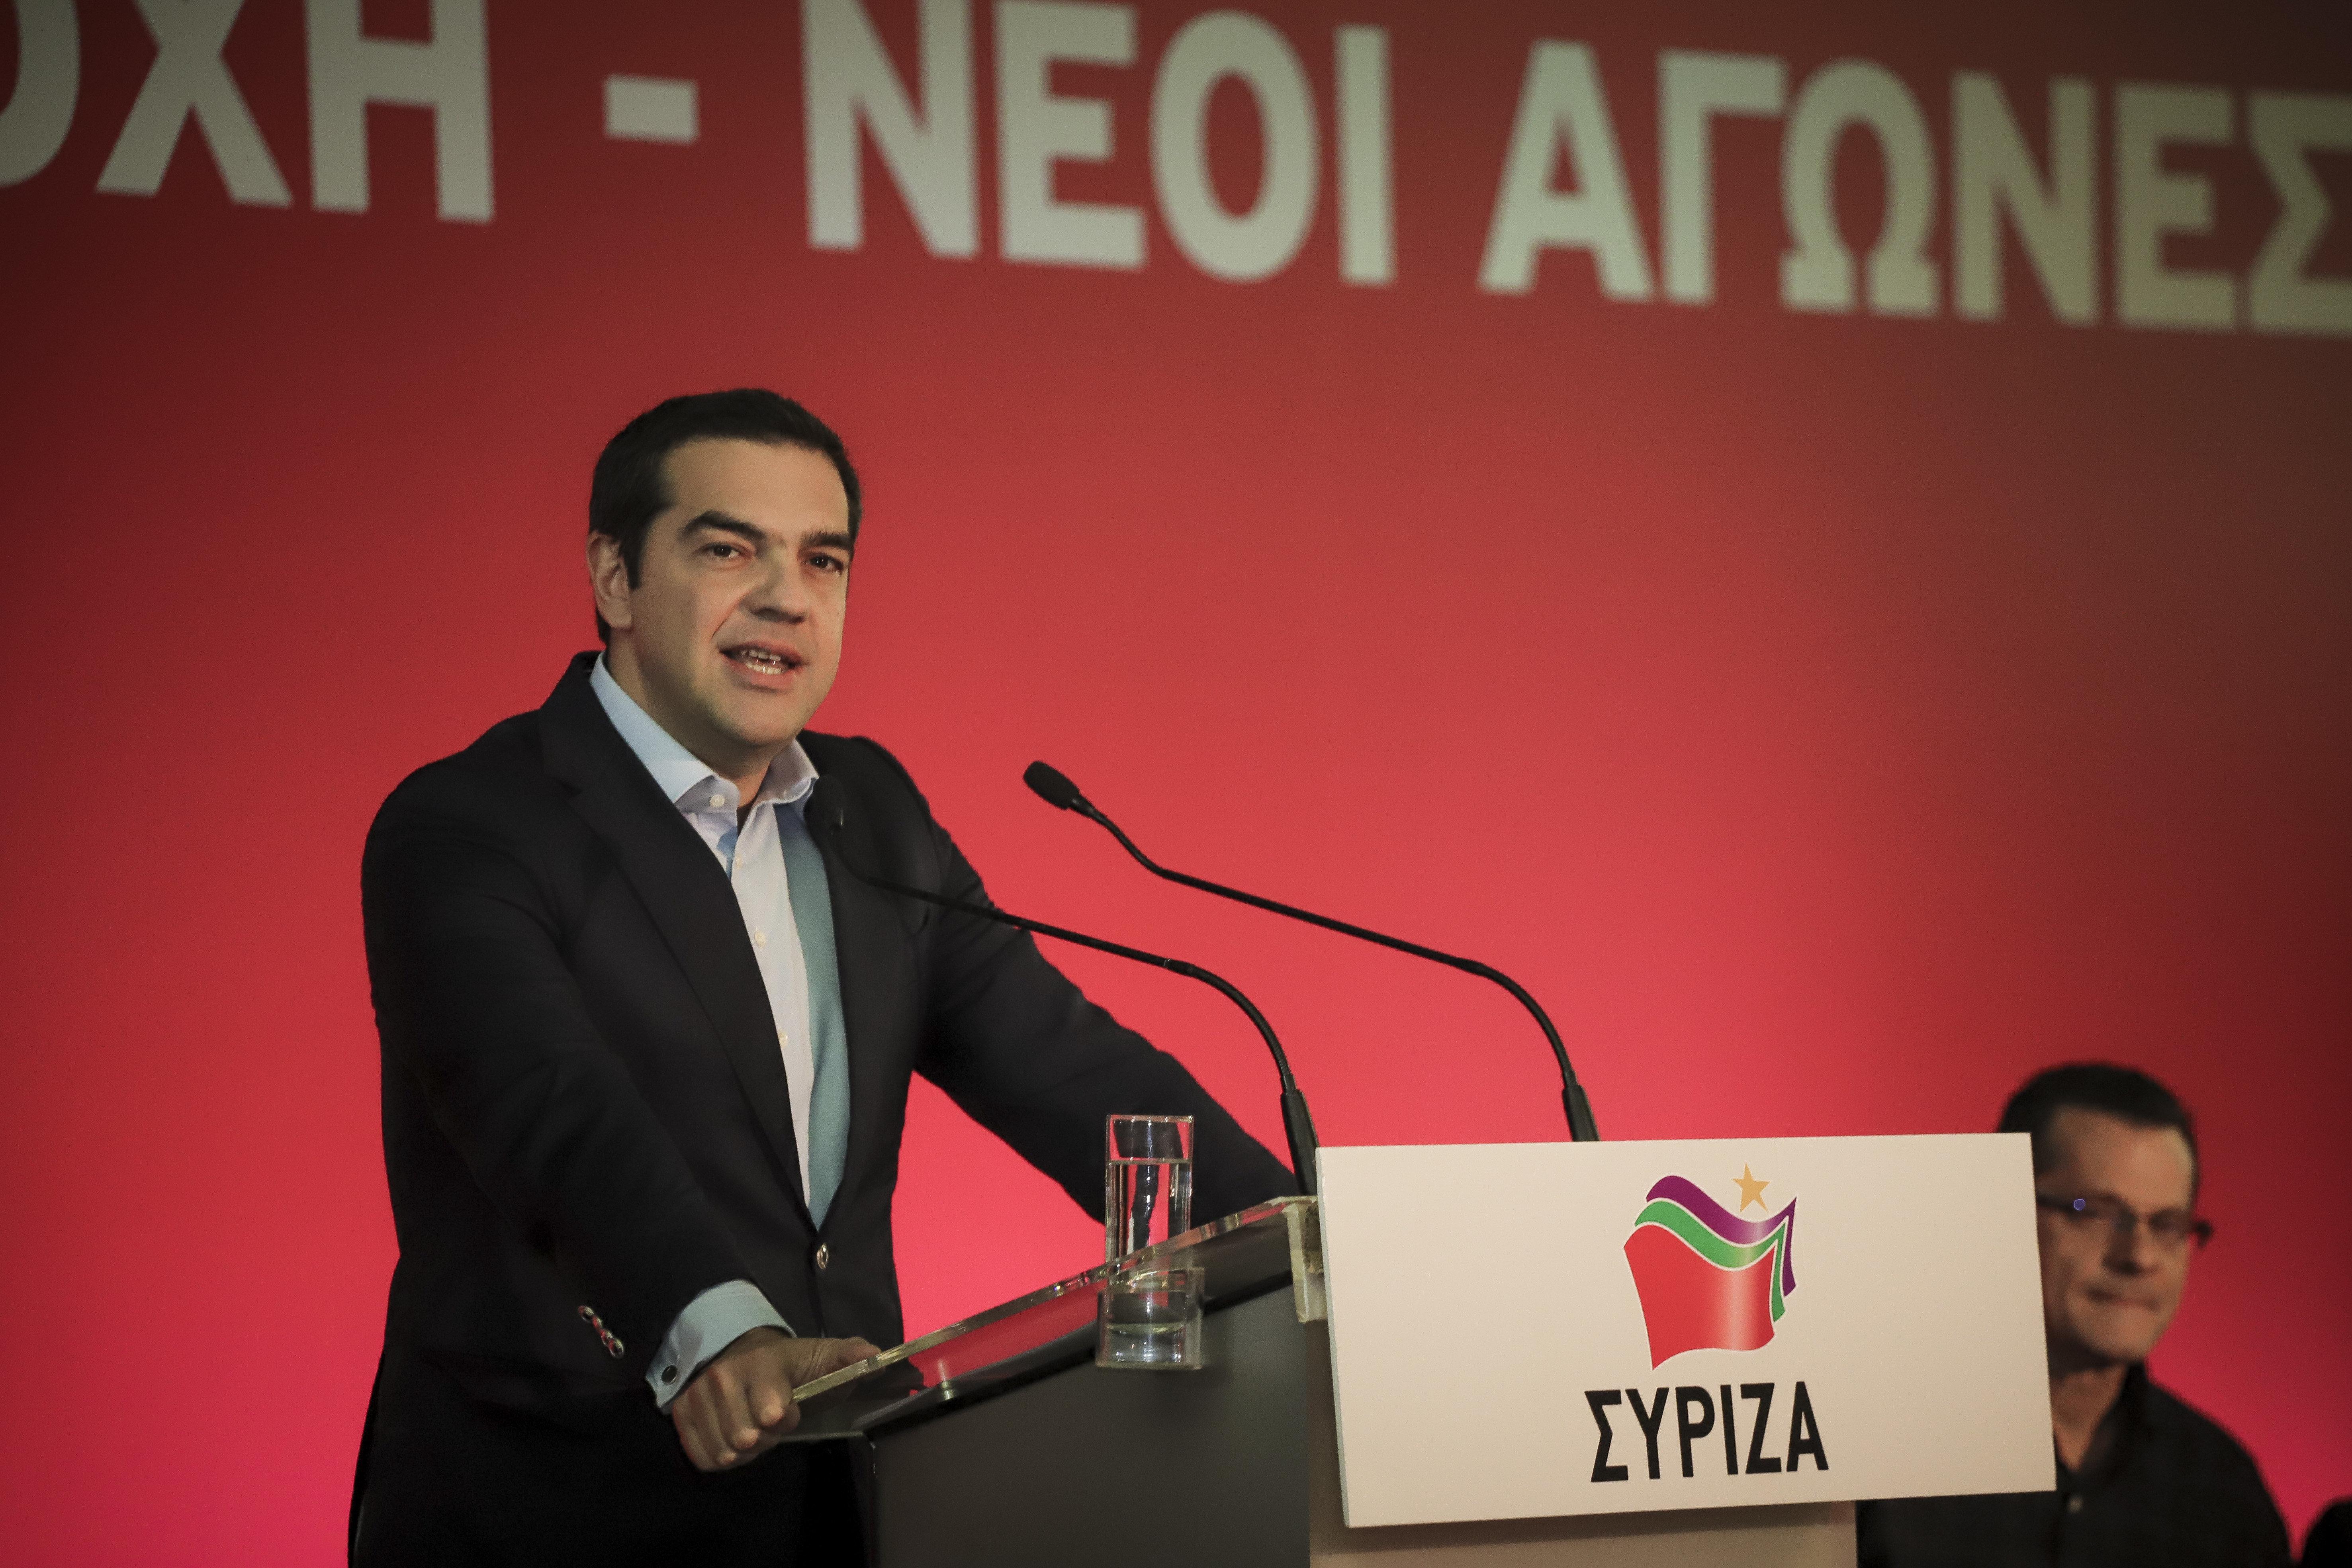 Τσίπρας: Έκτακτη οικονομική ενίσχυση 42 εκατ. ευρώ σε 40.000-45.000